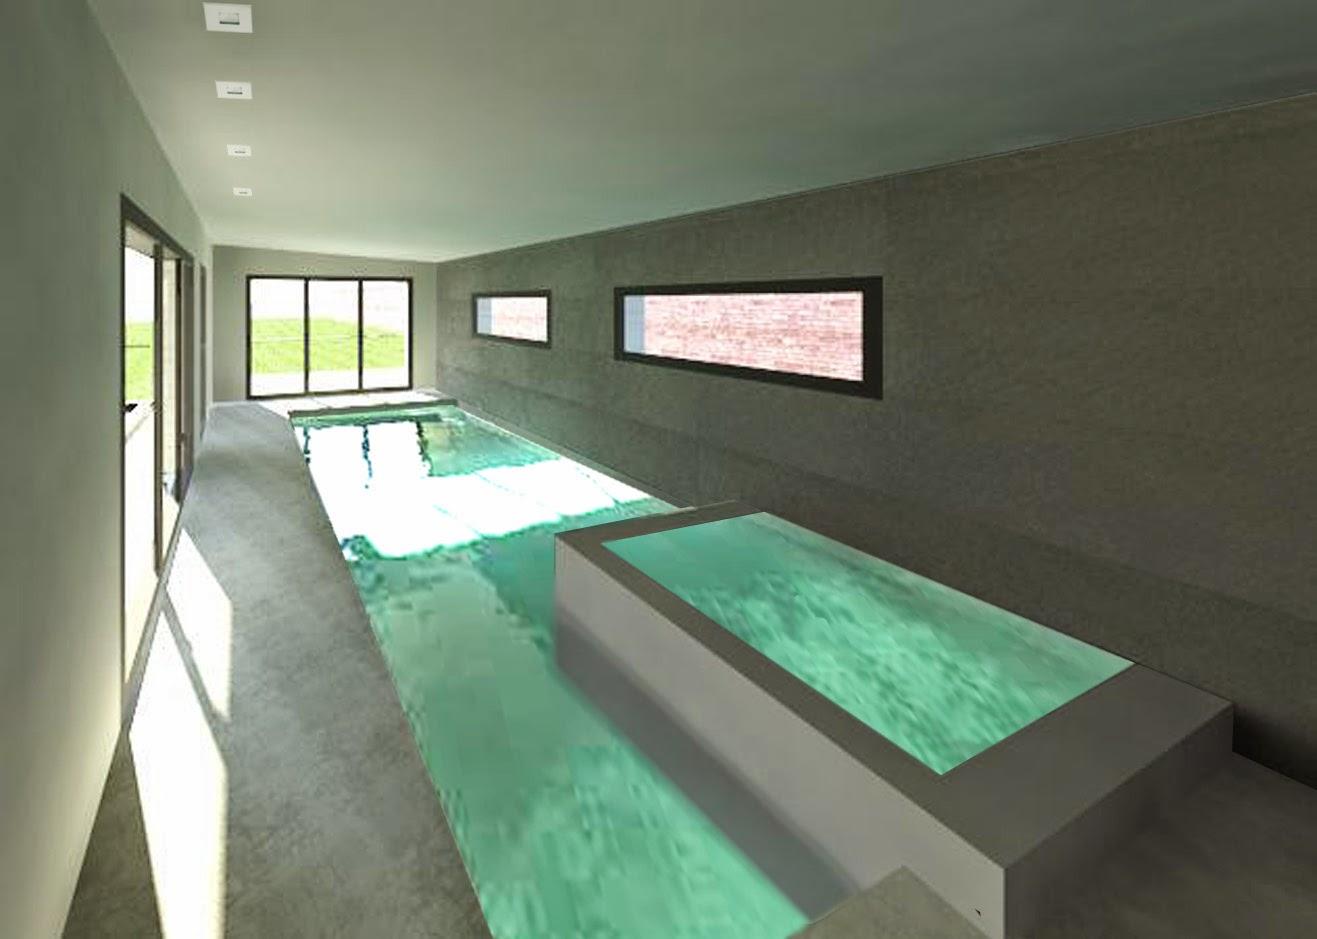 Jacques lenain architecte lille construction d 39 une maison for Piscine creusee interieure